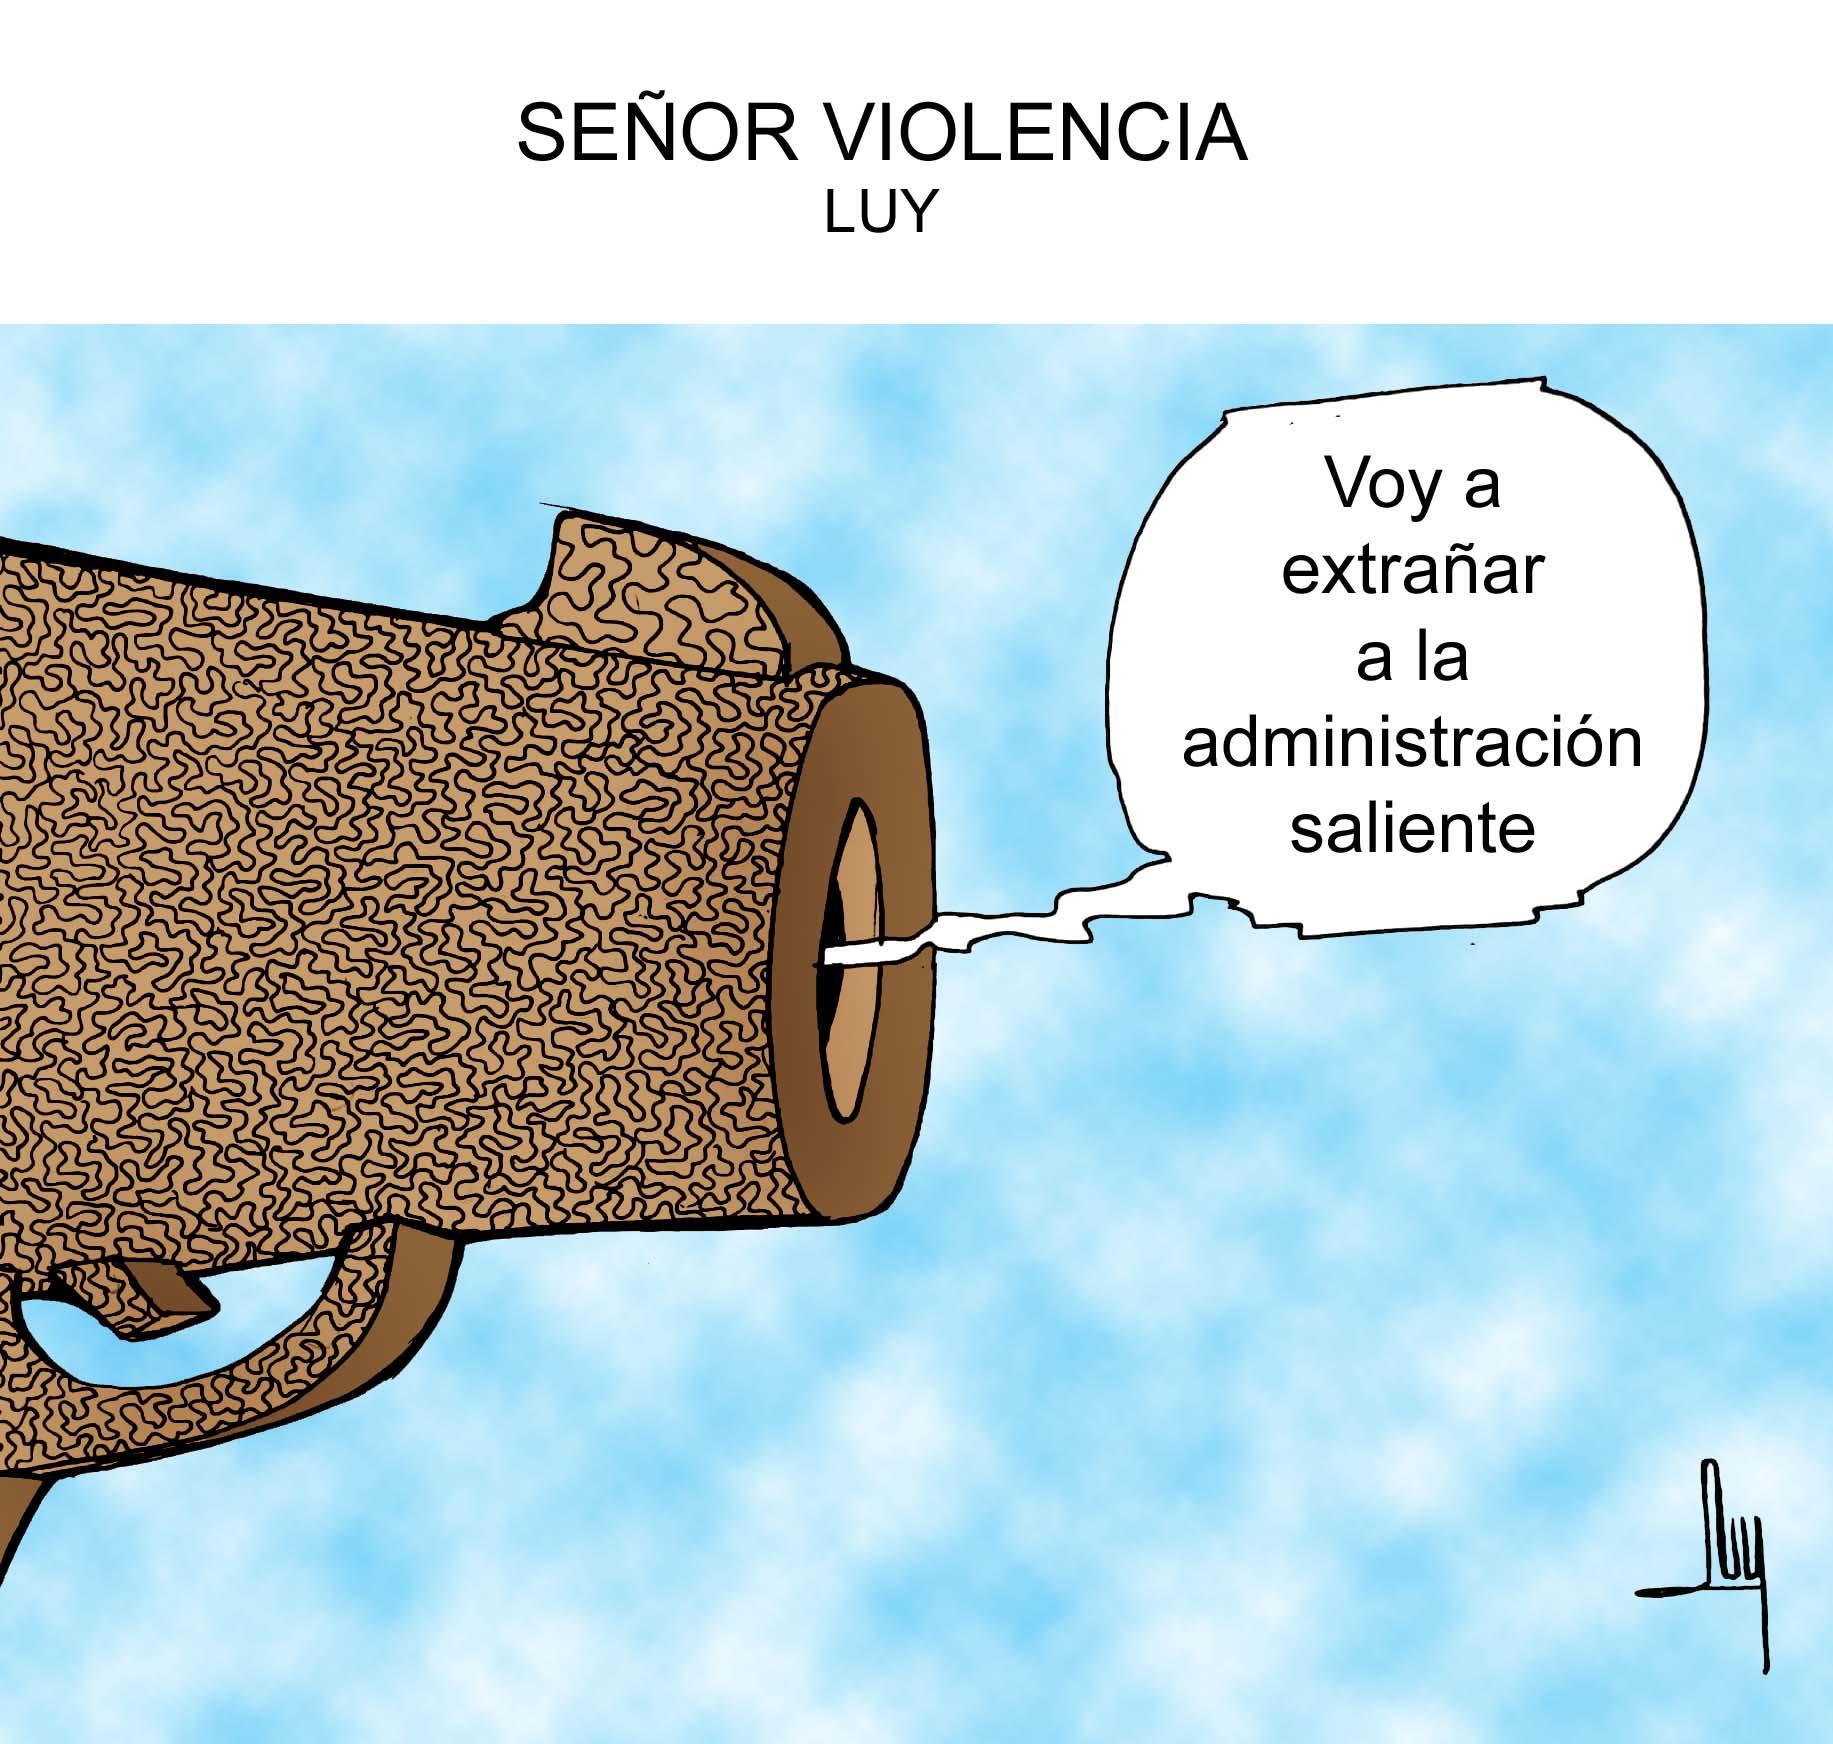 senor-violencia